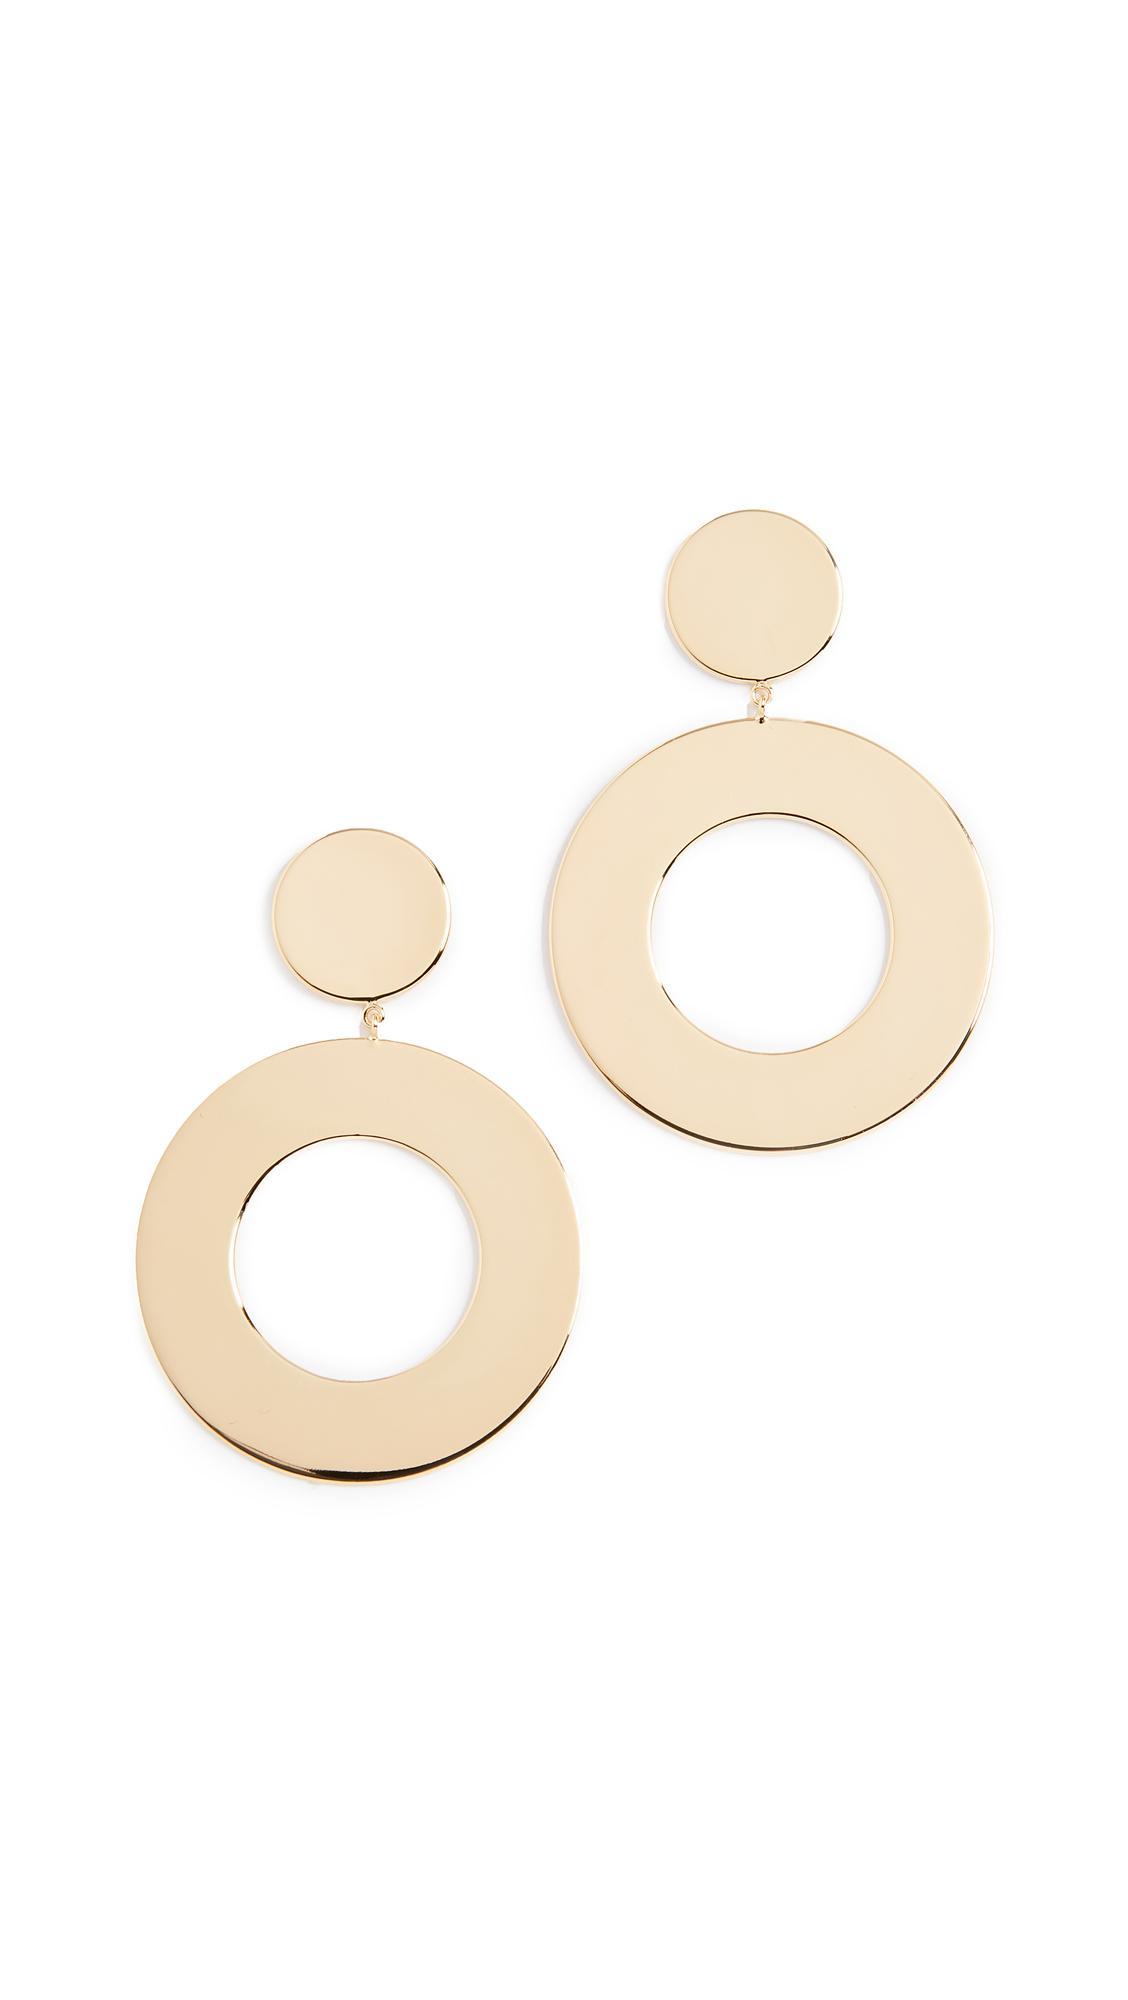 Gorjana Jagger Cutout Circle-Drop Earrings v3Dnf